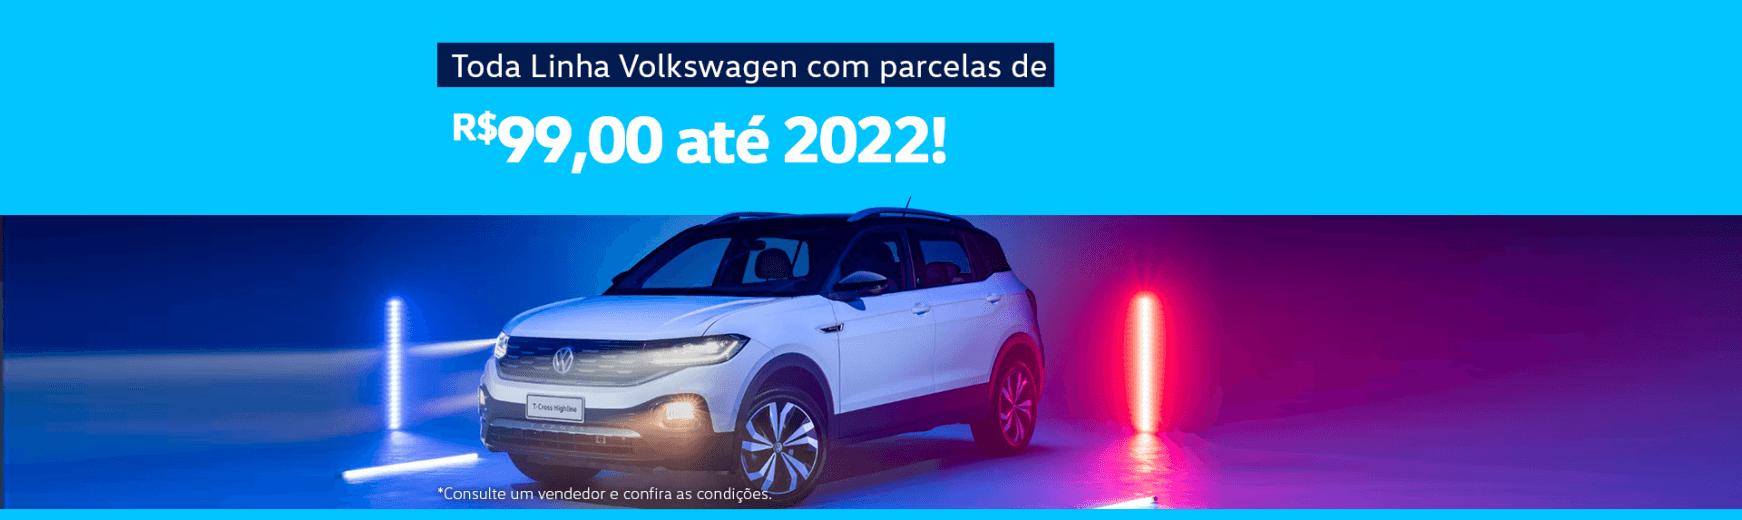 Parcelas de R$ 99,00 até 2022 para a Linha VW